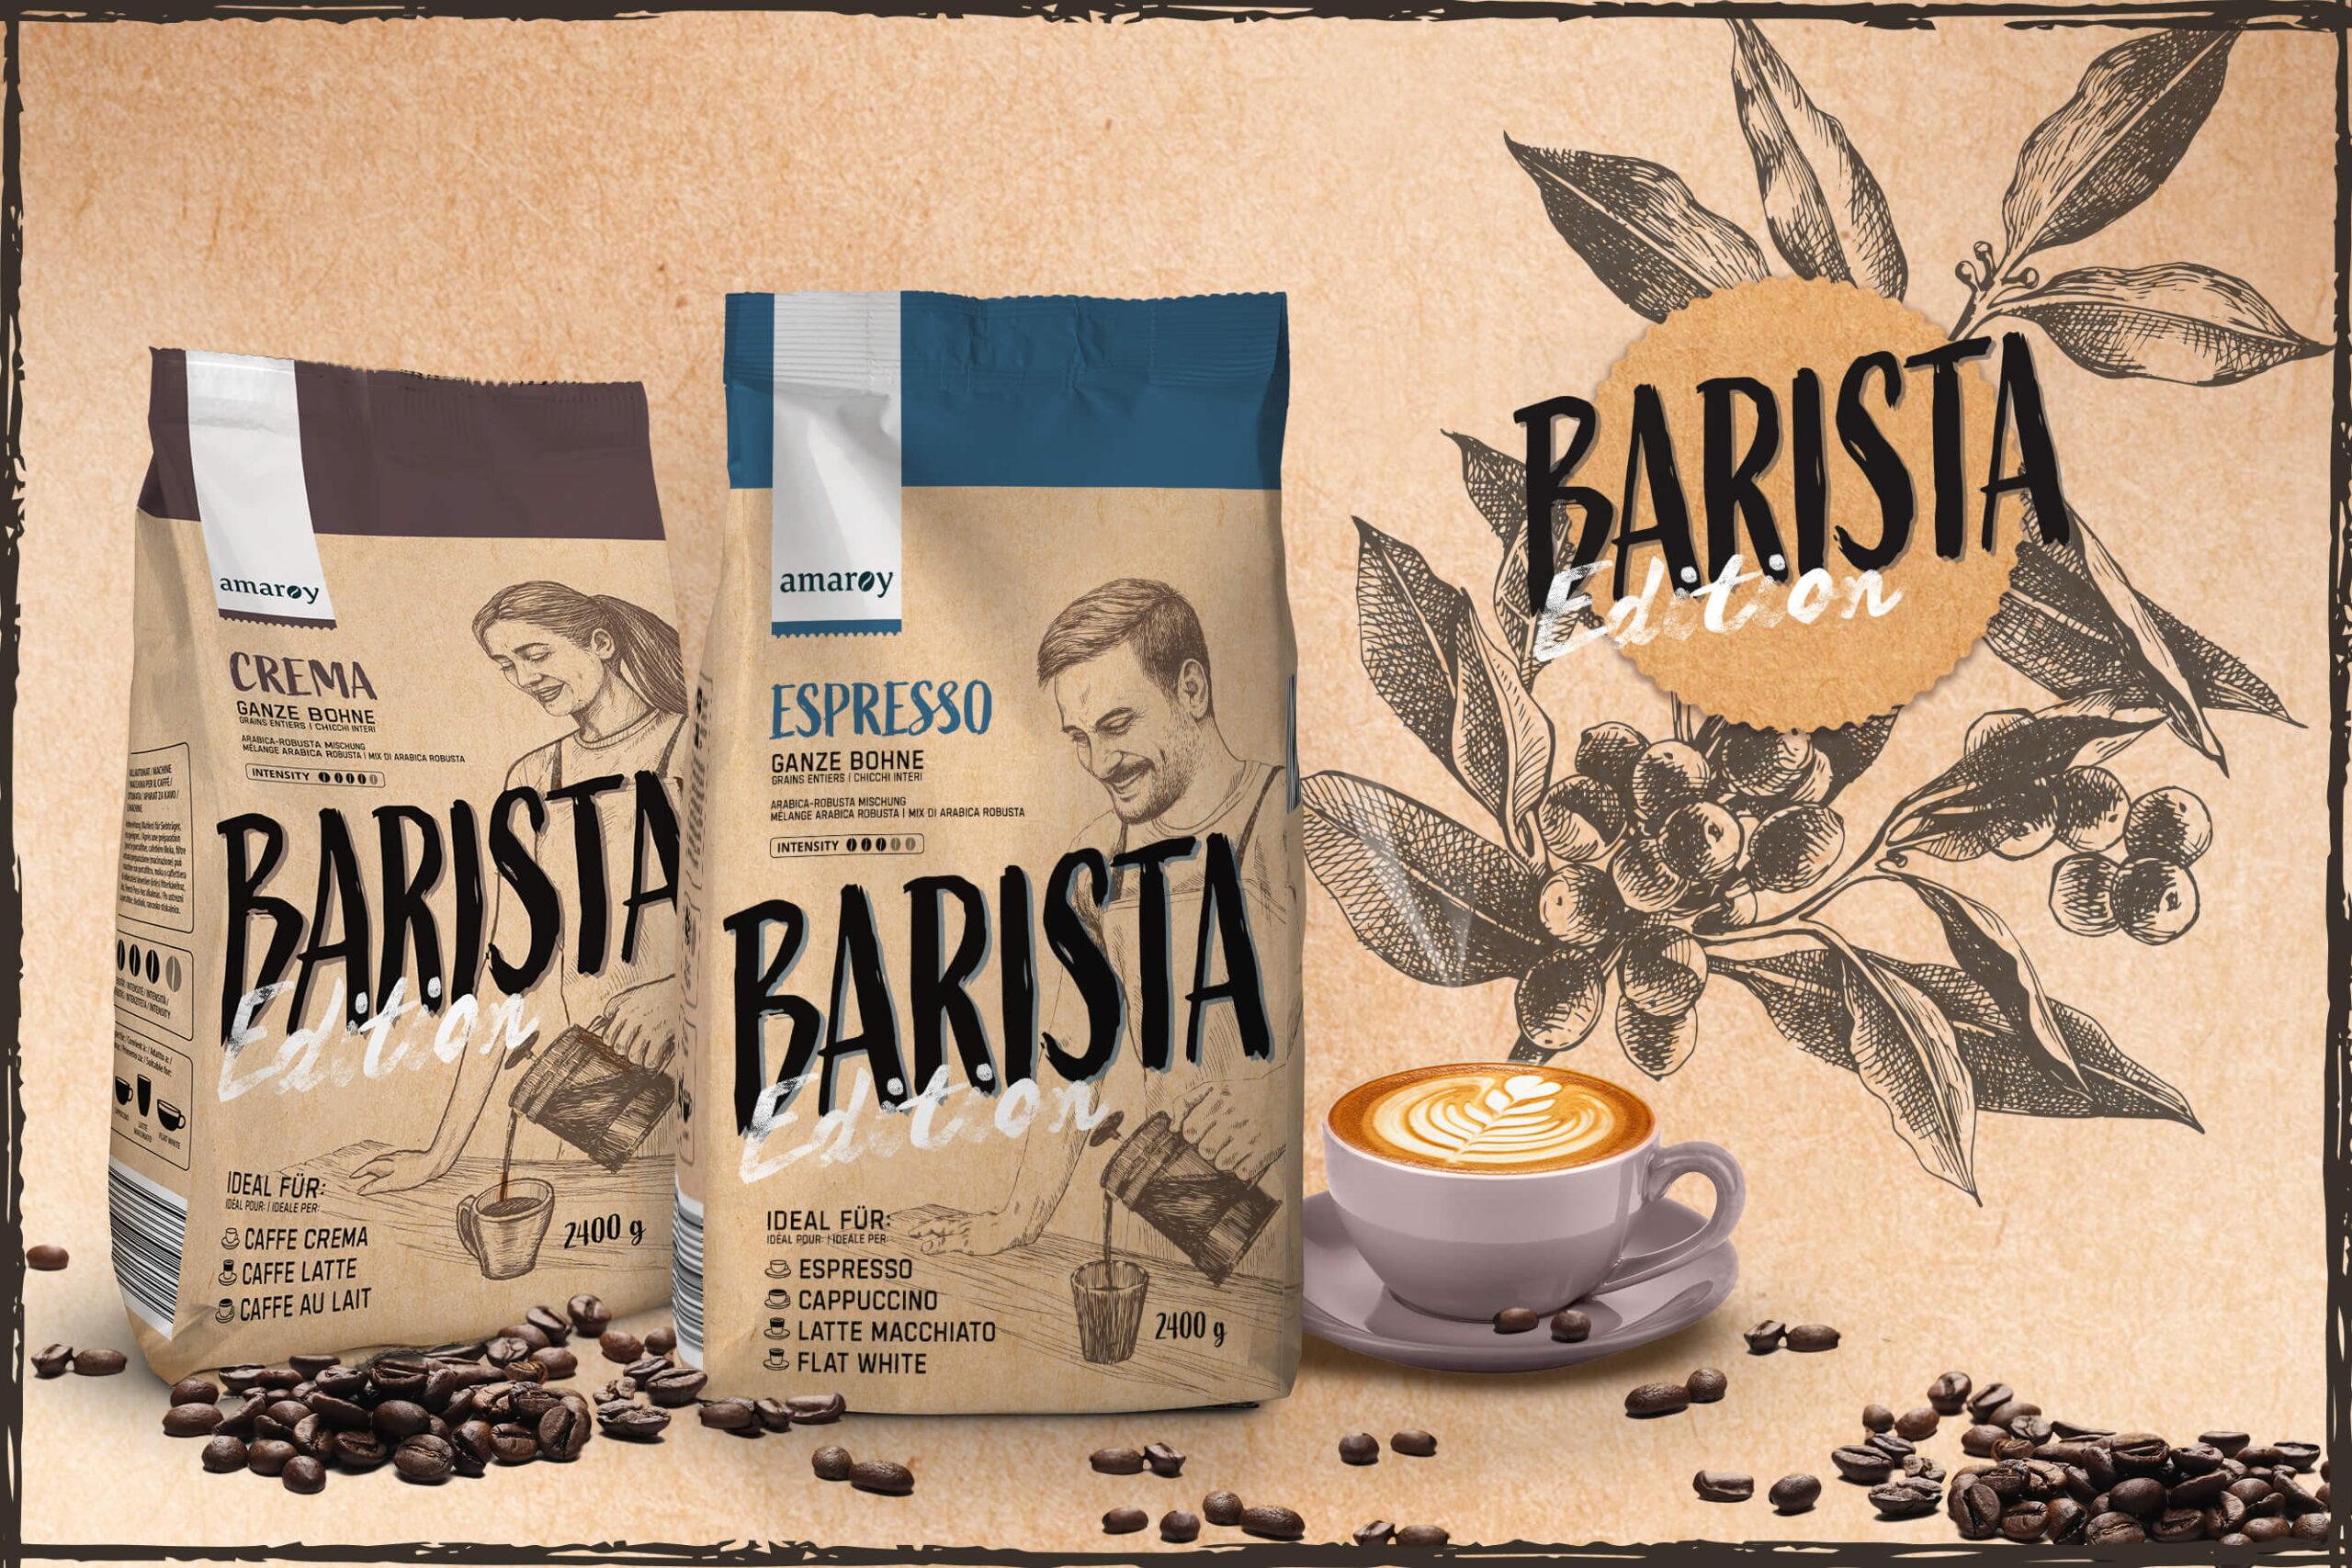 hofer amaroy kaffee espresso barista logo packaging rubicon